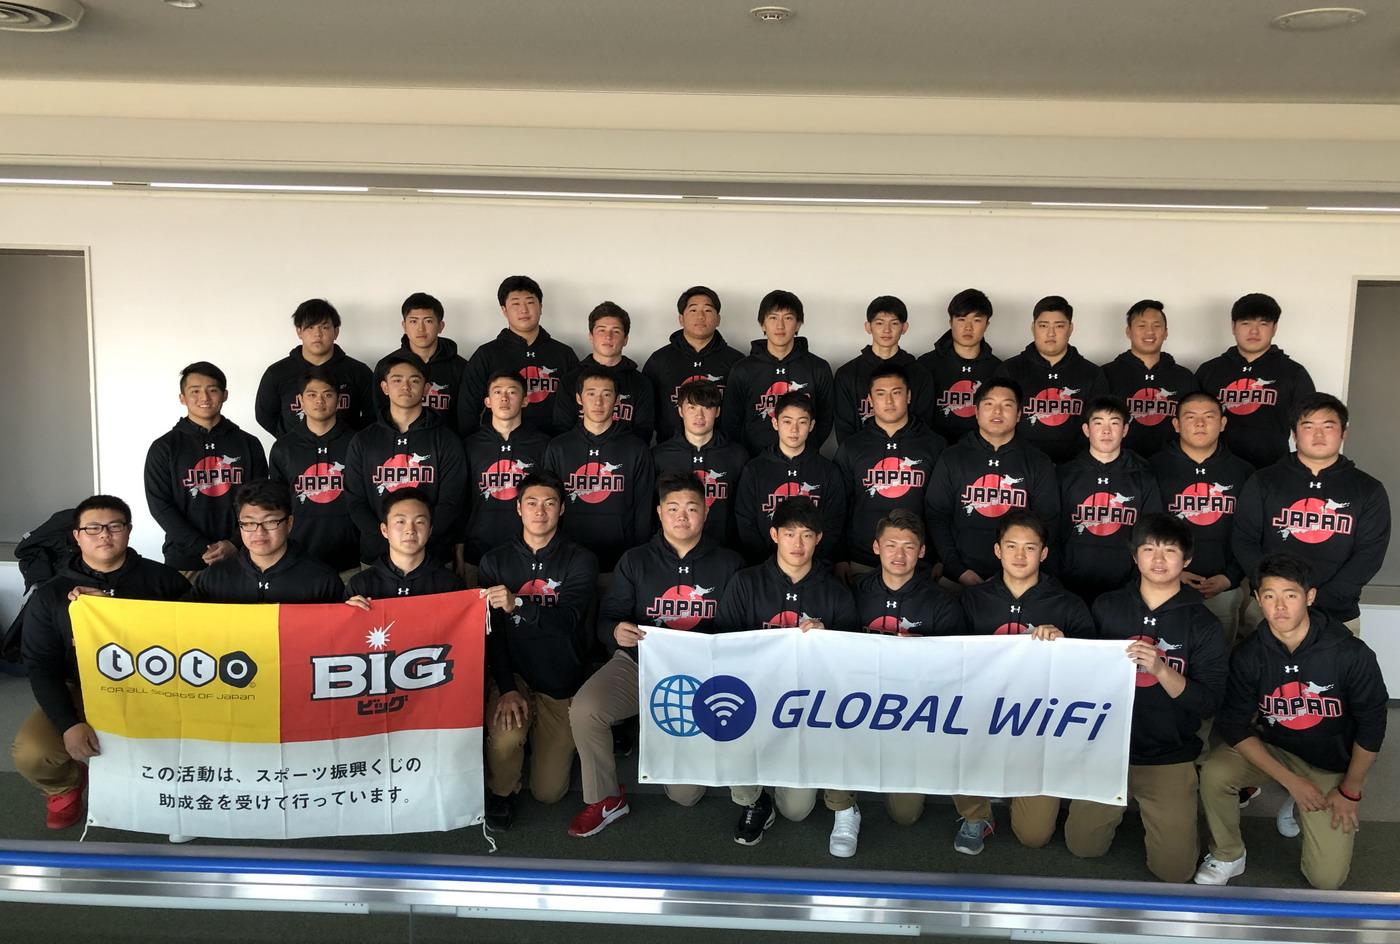 高校日本選抜チーム、インターナショナルボウル2019に出発します。